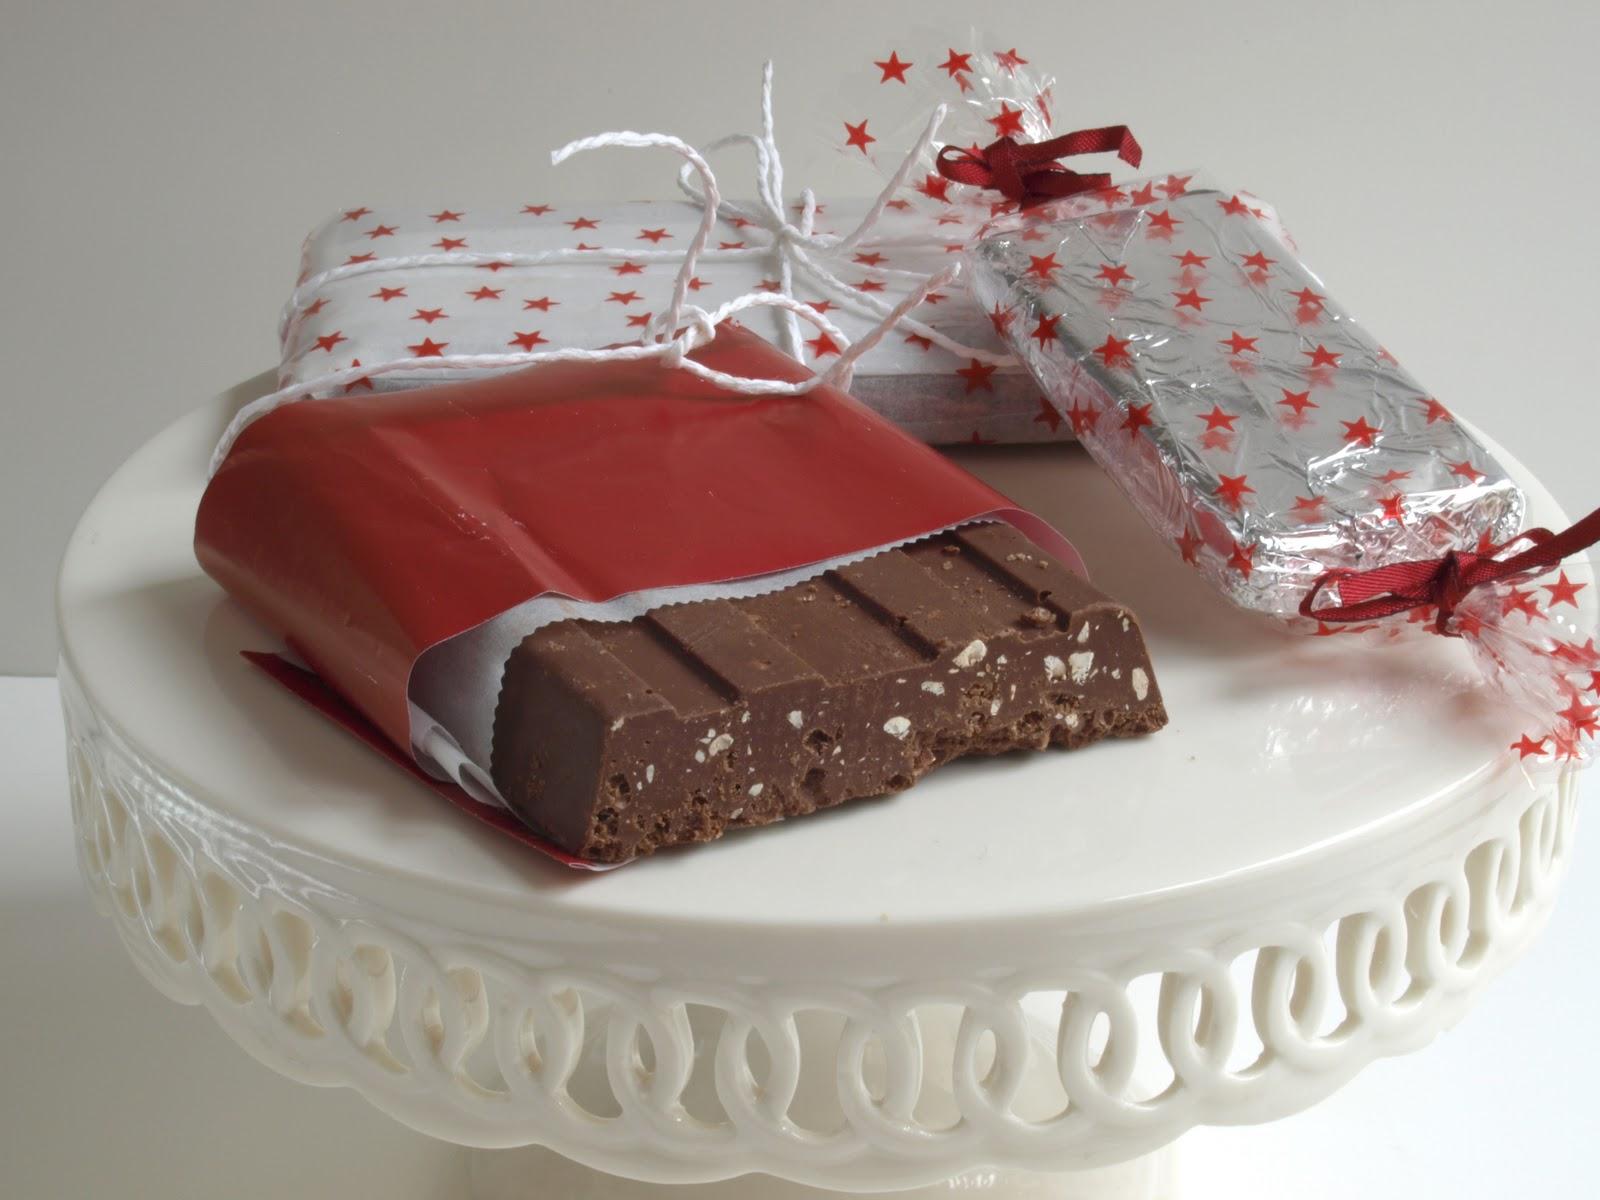 La guinda del pastel dulce navidad y turr n de chocolate for Regalos navidenos caseros